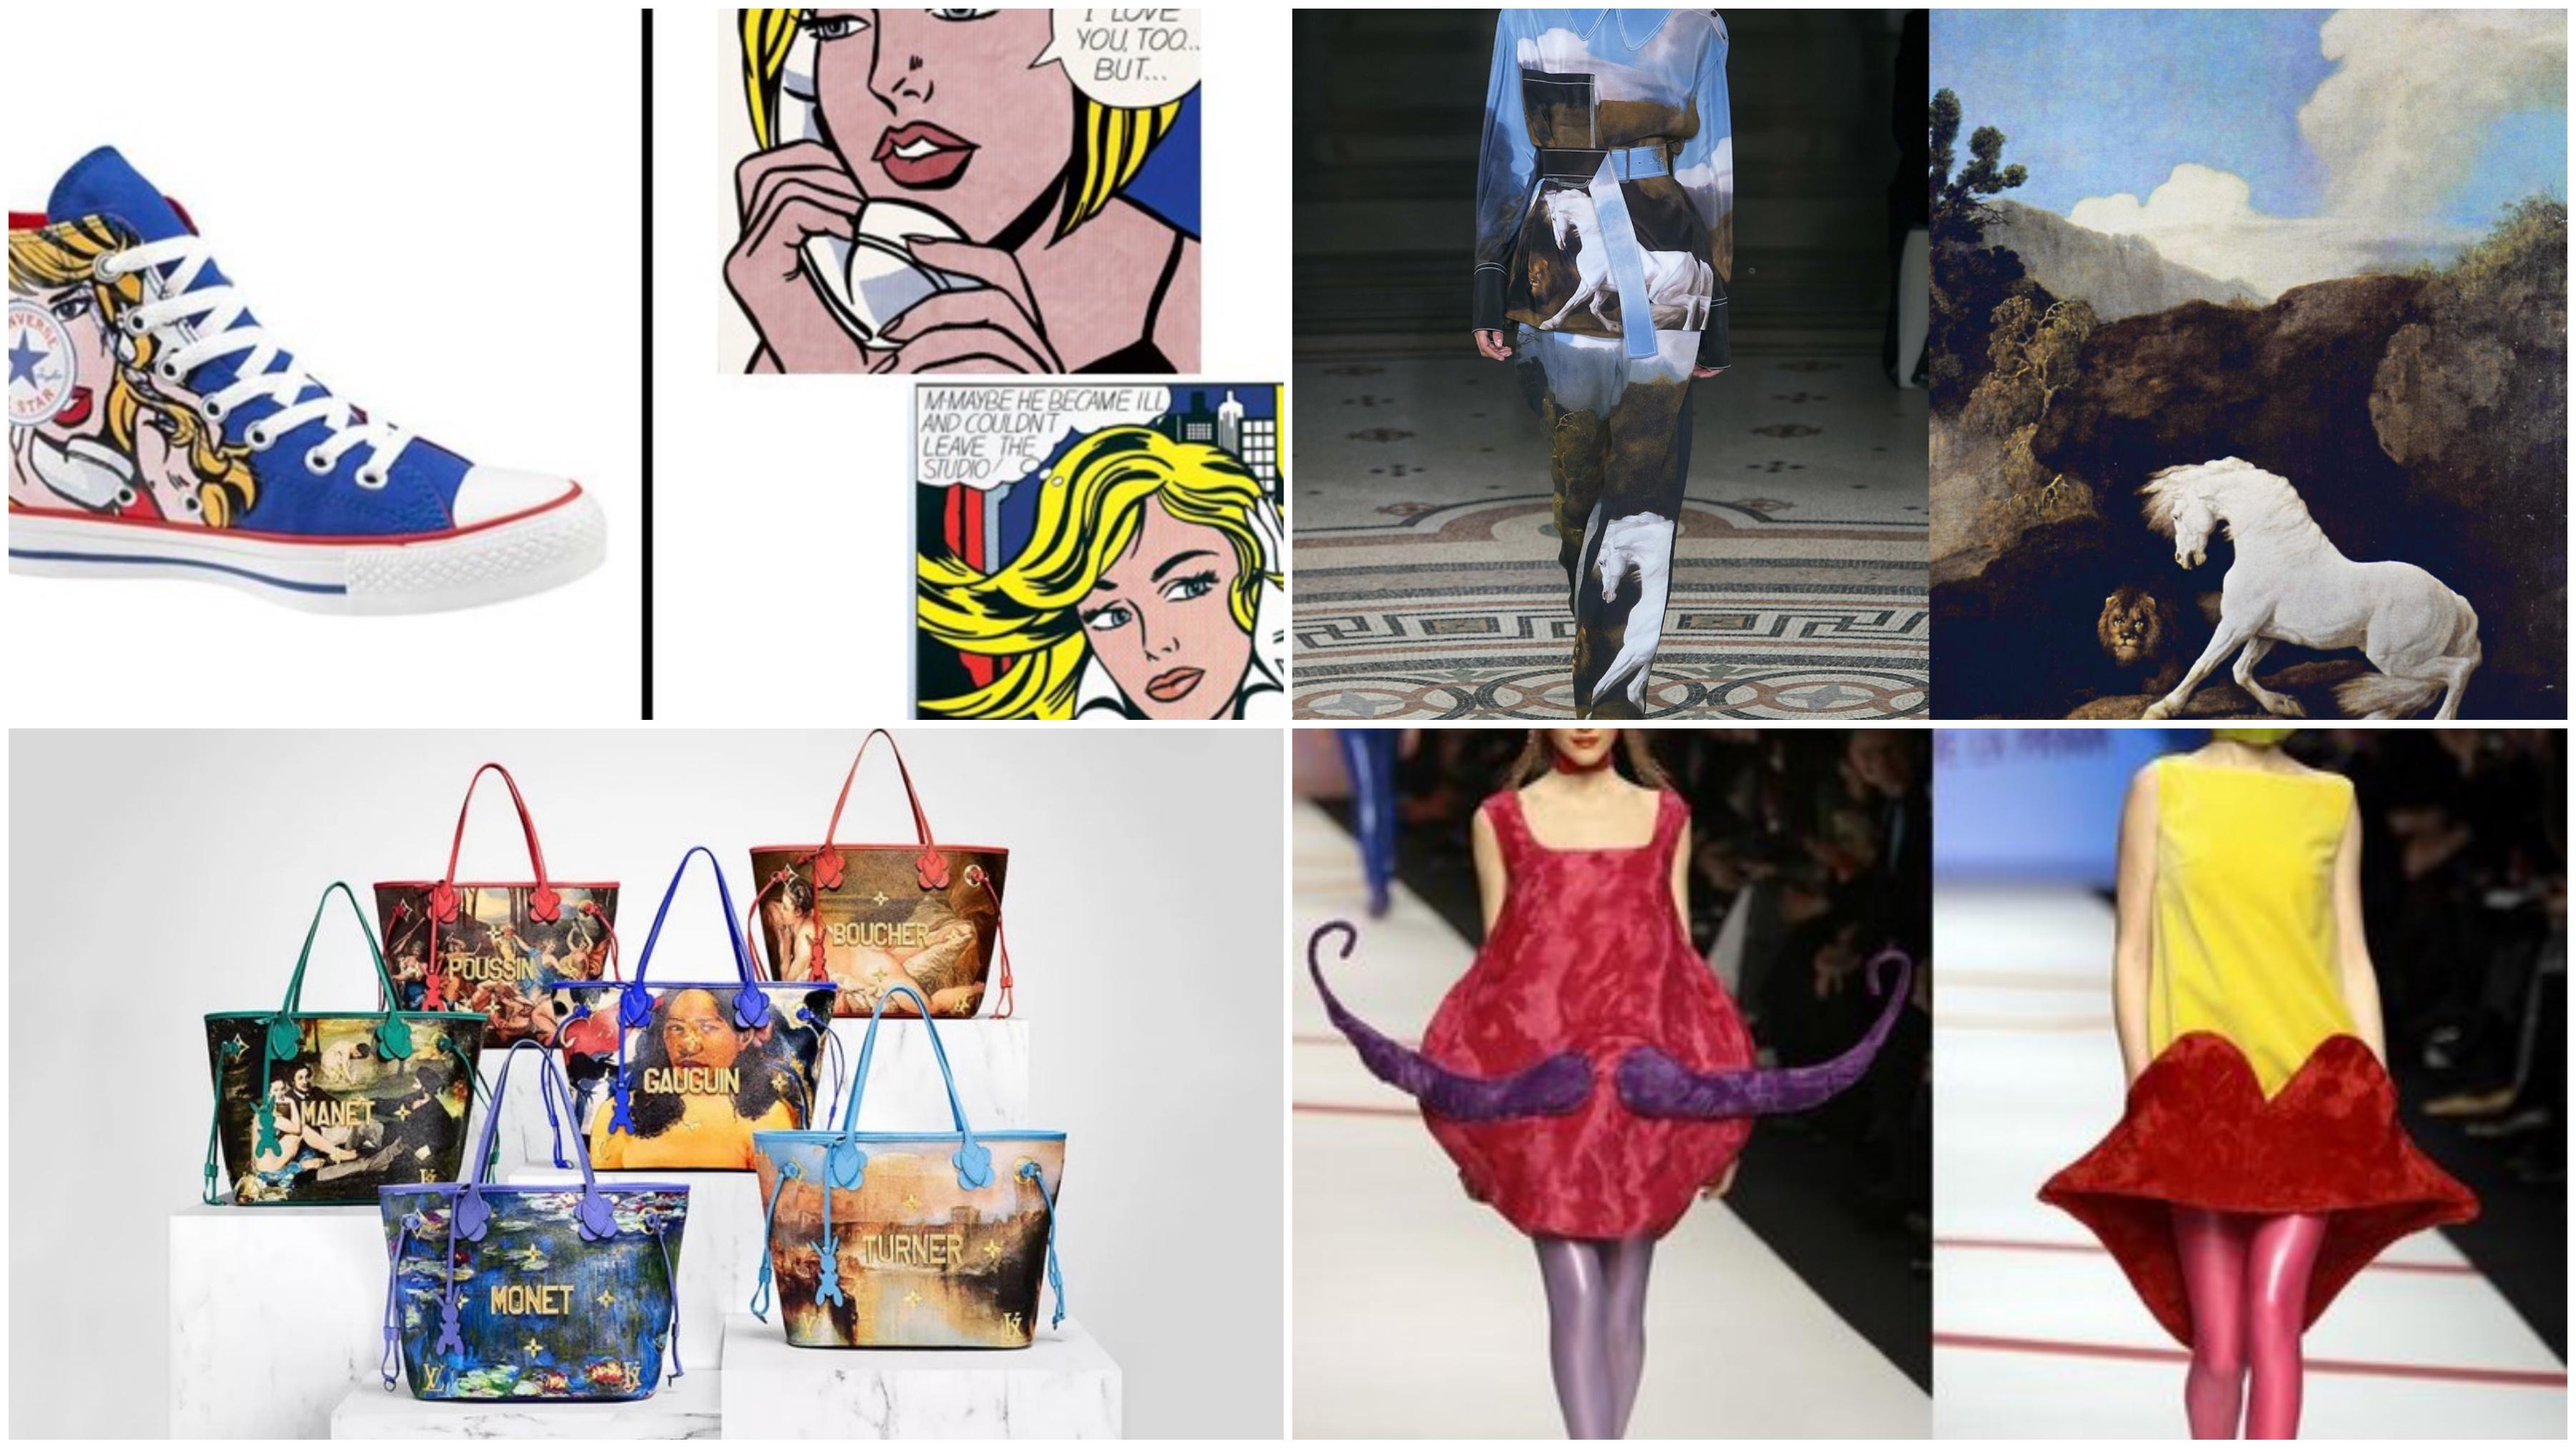 No hay moda sin arte ni arte sin moda. Y éstas son sus grandes colaboraciones - image varios on https://www.vanidad.es